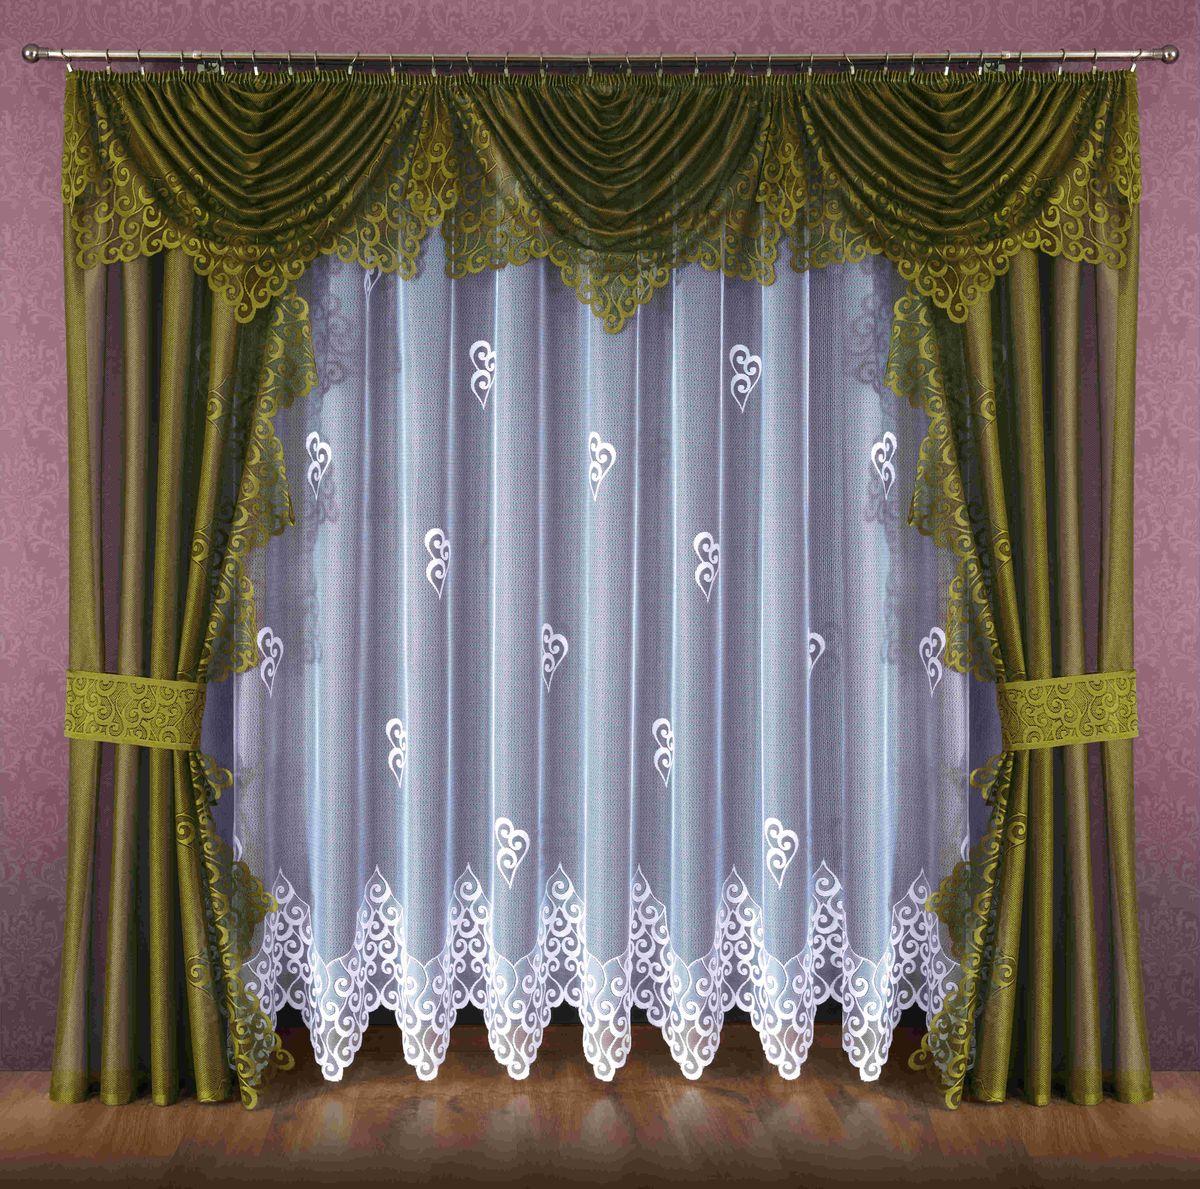 Комплект штор Wisan Ludmila, на ленте, цвет: белый, оливковый, высота 250 смSVC-300Комплект штор Wisan Ludmila выполненный из полиэстера, великолепно украсит любое окно. В комплект входят 2 шторы, тюль, ламбрекен и 2 подхвата. Кружевной орнамент придает комплекту особый стиль и шарм. Тонкое плетение, нежная цветовая гамма и роскошное исполнение - все это делает шторы Wisan Ludmila замечательным дополнением интерьера помещения.Комплект оснащен шторной лентой для красивой сборки. В комплект входит: Штора - 2 шт. Размер (ШхВ): 140 см х 250 см.Тюль - 1 шт. Размер (ШхВ): 400 см х 250 см. Ламбрекен - 1 шт. Размер (ШхВ): 440 см х 135 см. Подхват - 2 шт.Фирма Wisan на польском рынке существует уже более пятидесяти лет и является одной из лучших польских фабрик по производству штор и тканей. Ассортимент фирмы представлен готовыми комплектами штор для гостиной, детской, кухни, а также текстилем для кухни (скатерти, салфетки, дорожки, кухонные занавески). Модельный ряд отличает оригинальный дизайн, высокое качество. Ассортимент продукции постоянно пополняется.